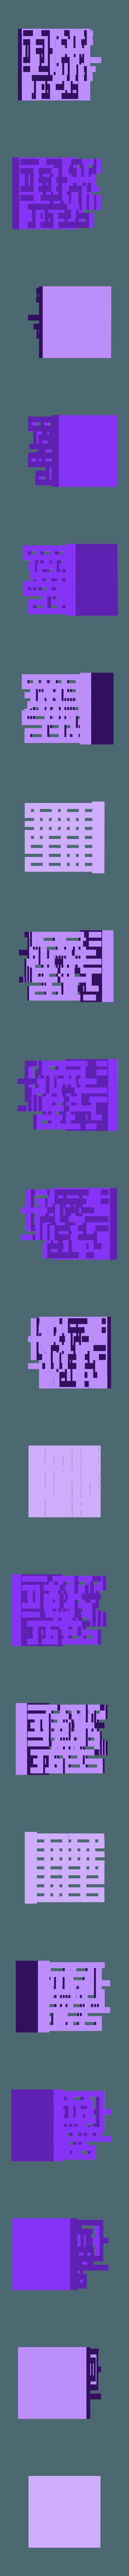 squared_1.stl Télécharger fichier STL gratuit Boucles de procédure • Design imprimable en 3D, ferjerez3d